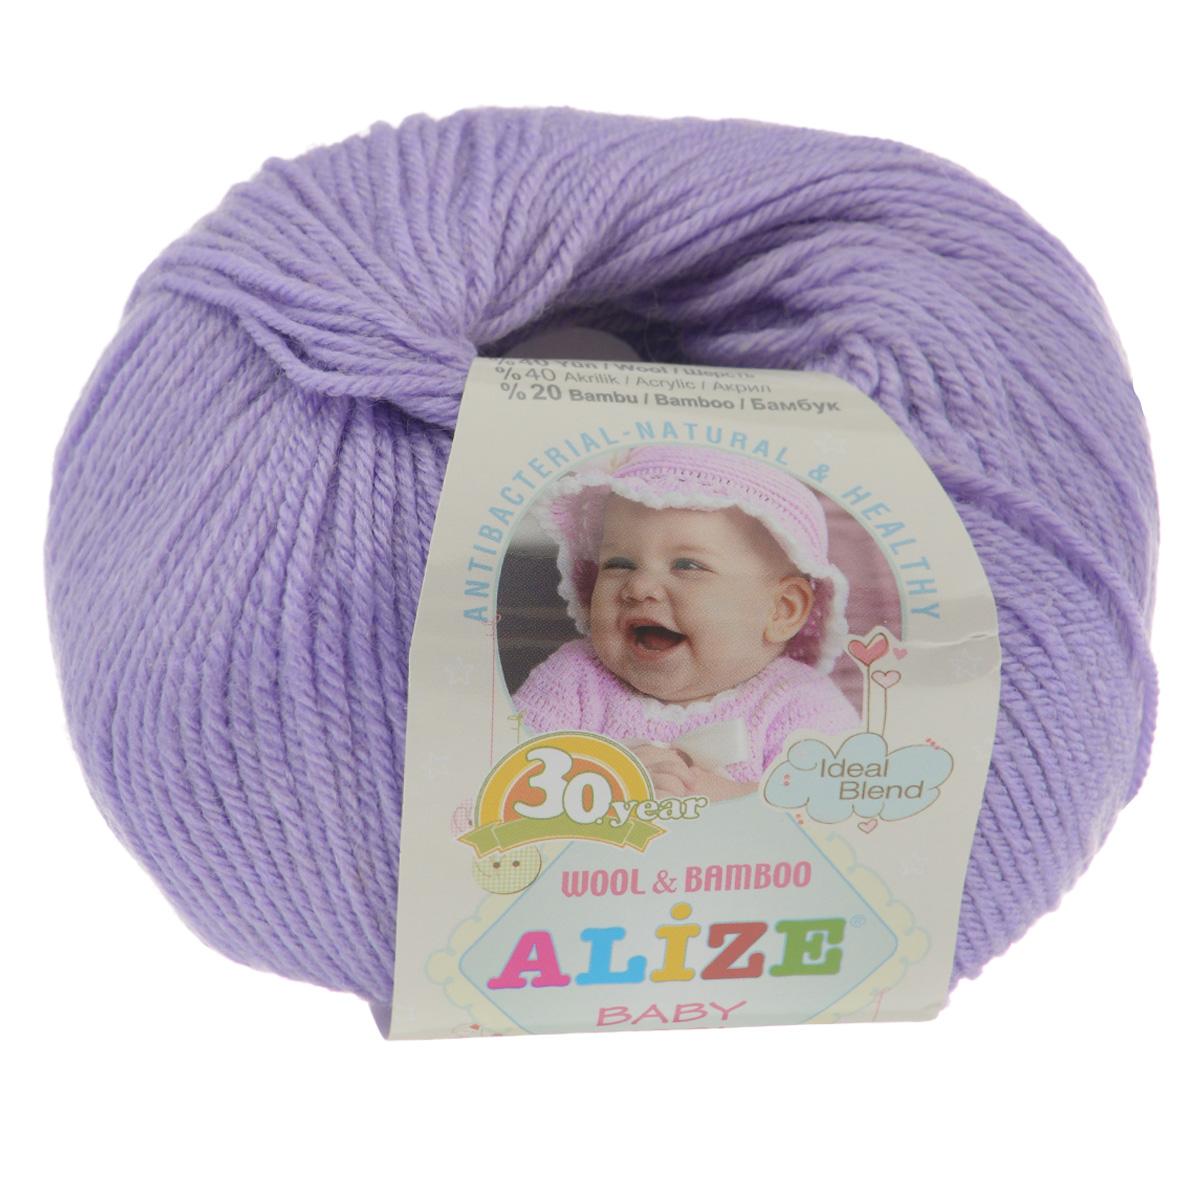 Пряжа для вязания Alize Baby Wool, цвет: светло-сиреневый (146), 175 м, 50 г, 10 шт686501_146Детская пряжа для вязания Alize Baby Wool изготовлена из очень мягкой и высококачественной натуральной шерсти и бамбука. Из пряжи Baby Wool получается тонкий, но очень теплый трикотаж для ребенка. Акрил в составе нитей допускает легкую машинную стирку вещей. Цветовая палитра включает в себя комбинации, которые подходят как для мальчиков, так и для девочек. Рекомендуемые для вязания спицы 2,5-4 мм и крючки 1-3 мм. Состав: 40% шерсть, 40% акрил, 20% бамбук.